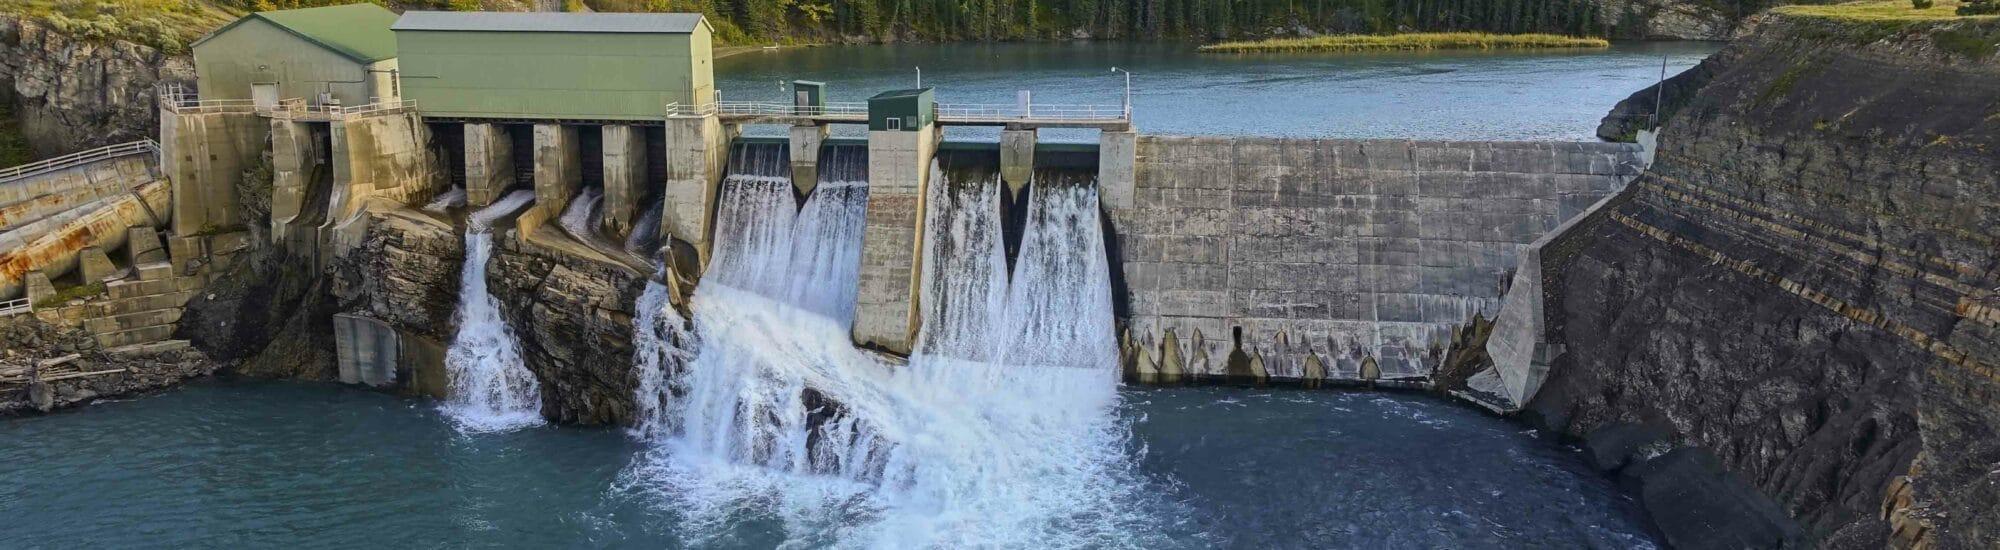 Digitales Wasserkraftwerk